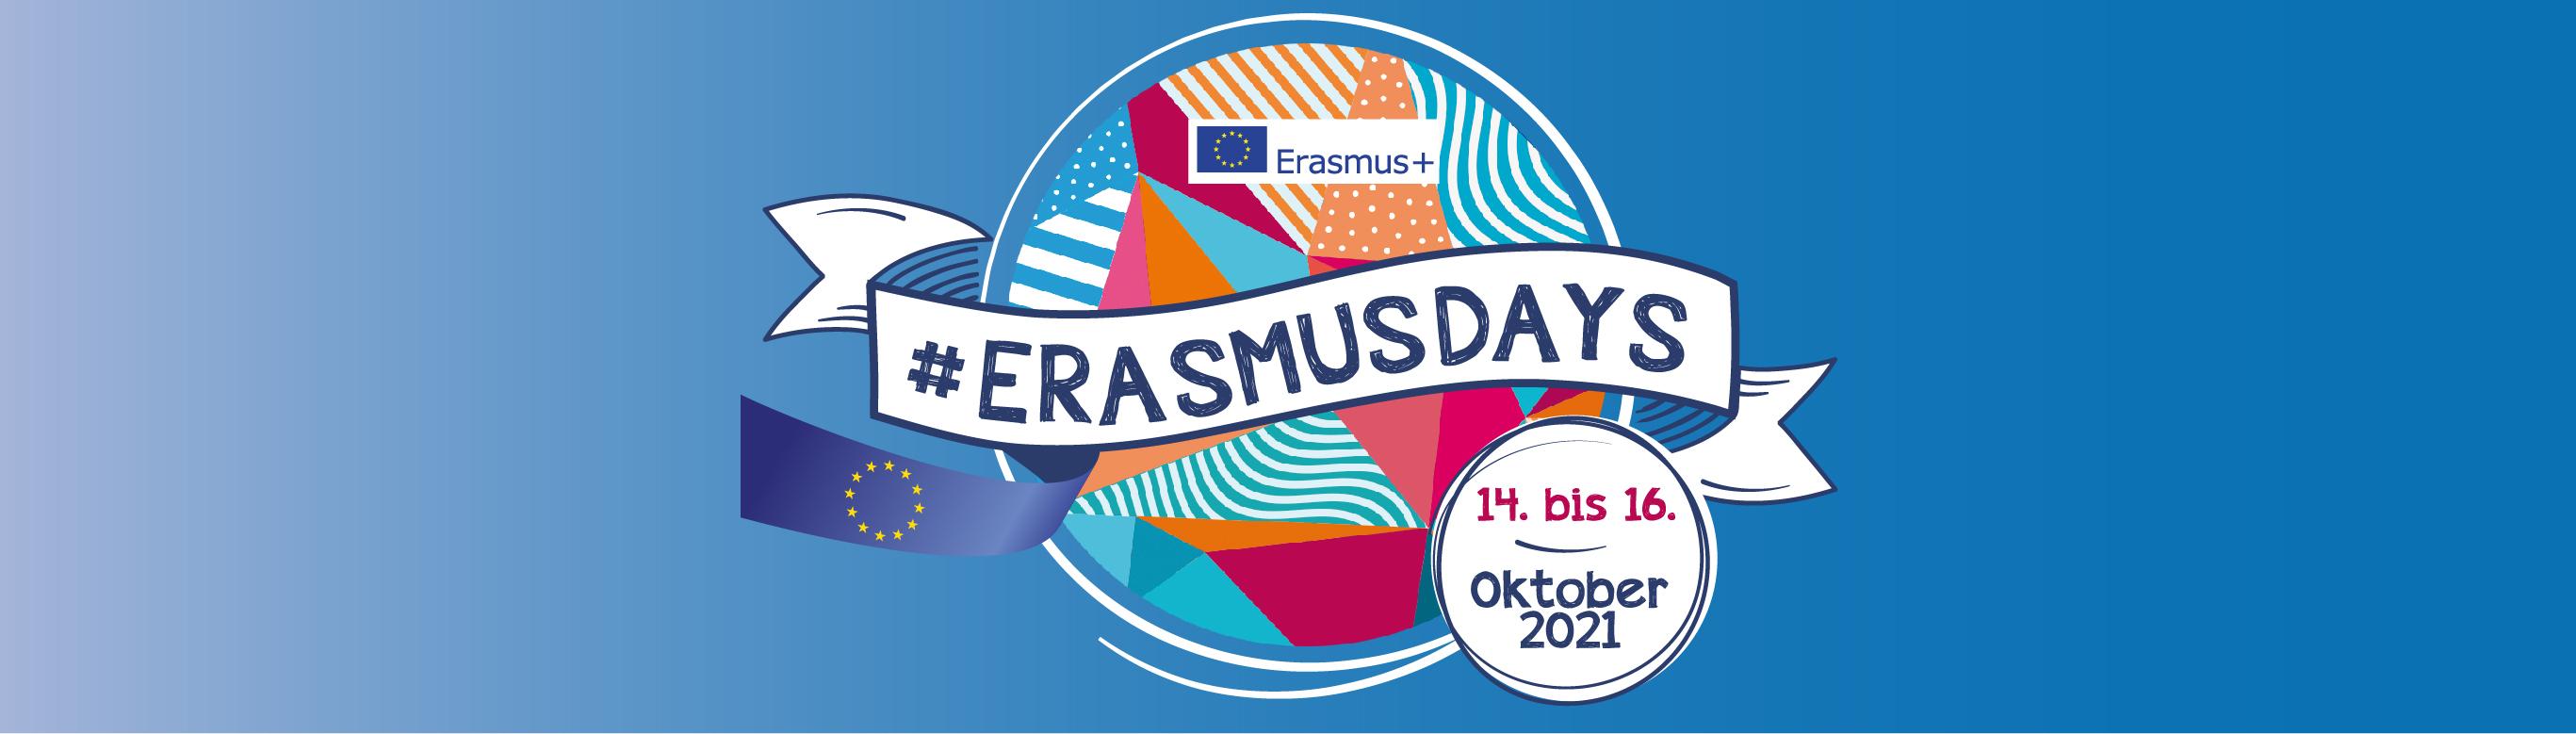 Banner mit Logo ErasmusDays 14.-16. Oktober 2021